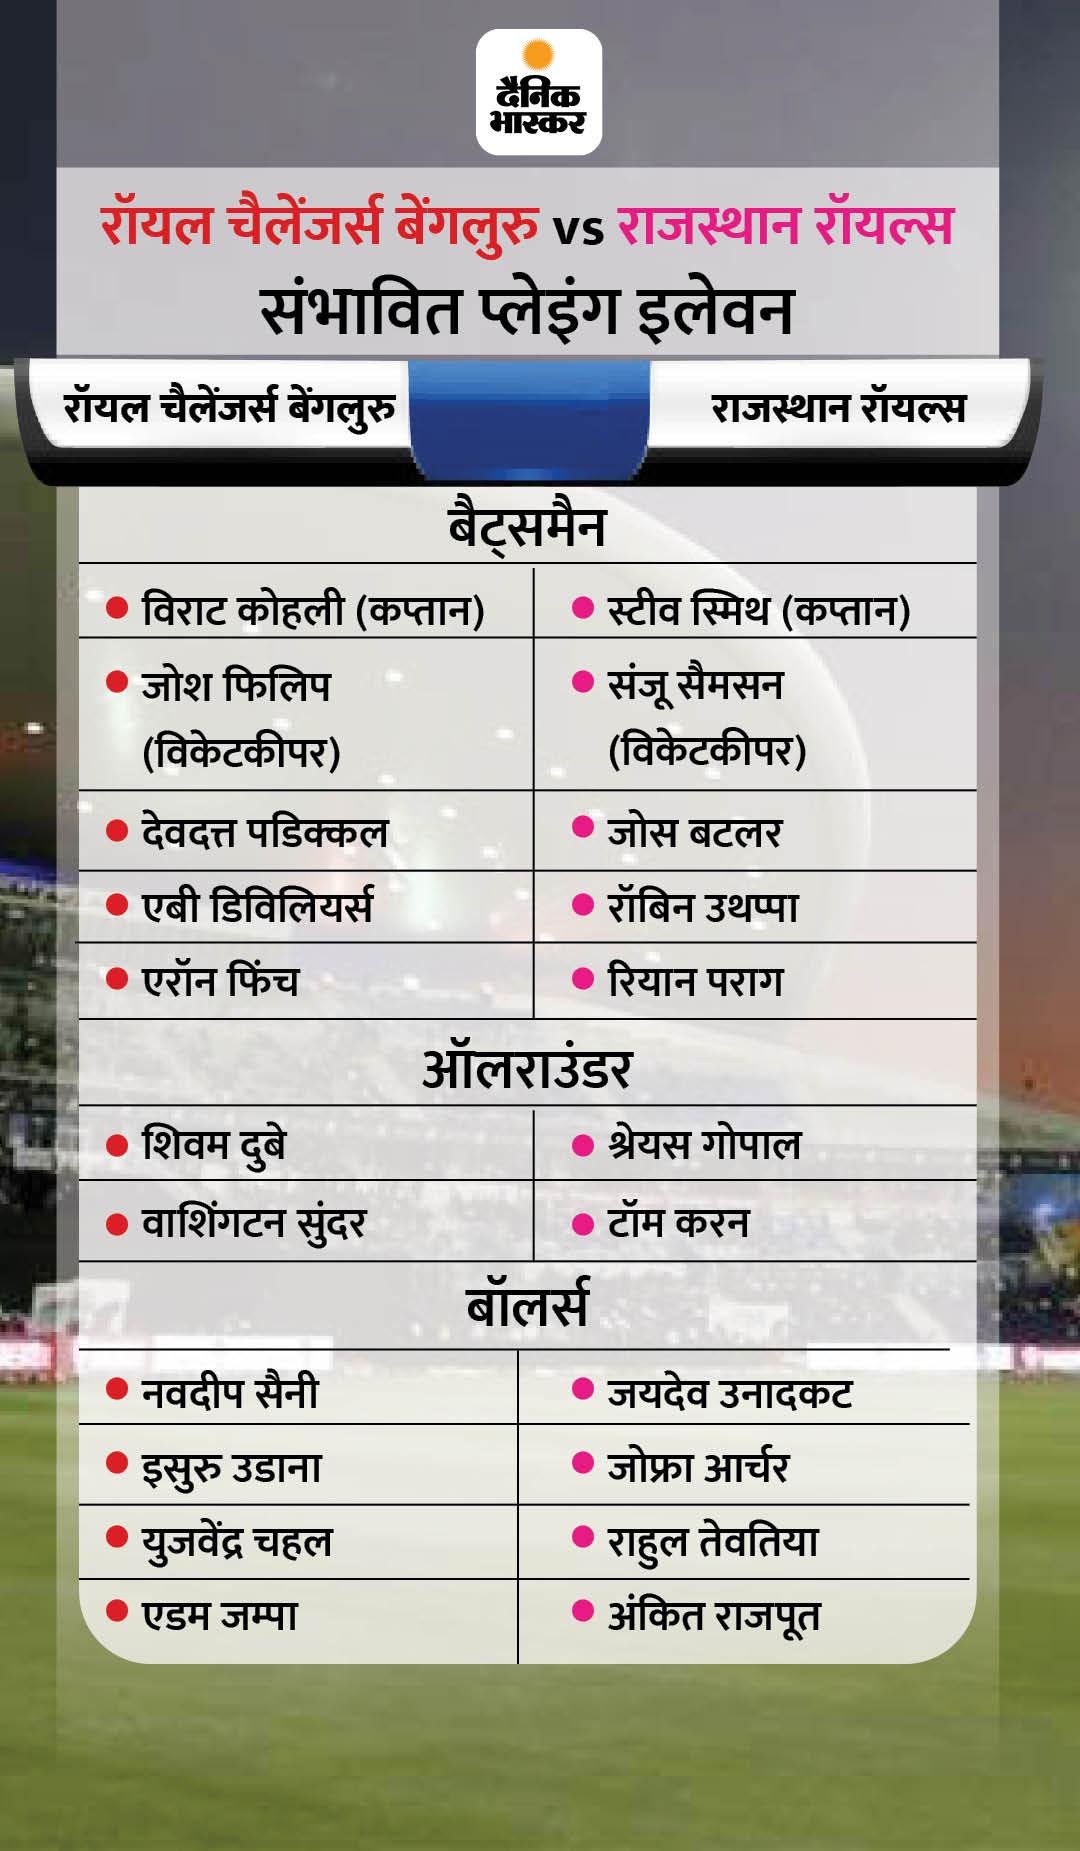 पहले राजस्थान का मुकाबला बेंगलुरु से, शाम को दिल्ली से भिड़ेगी कोलकाता; सीजन में चारों टीम 3 में से 2-2 मैच जीत चुकीं